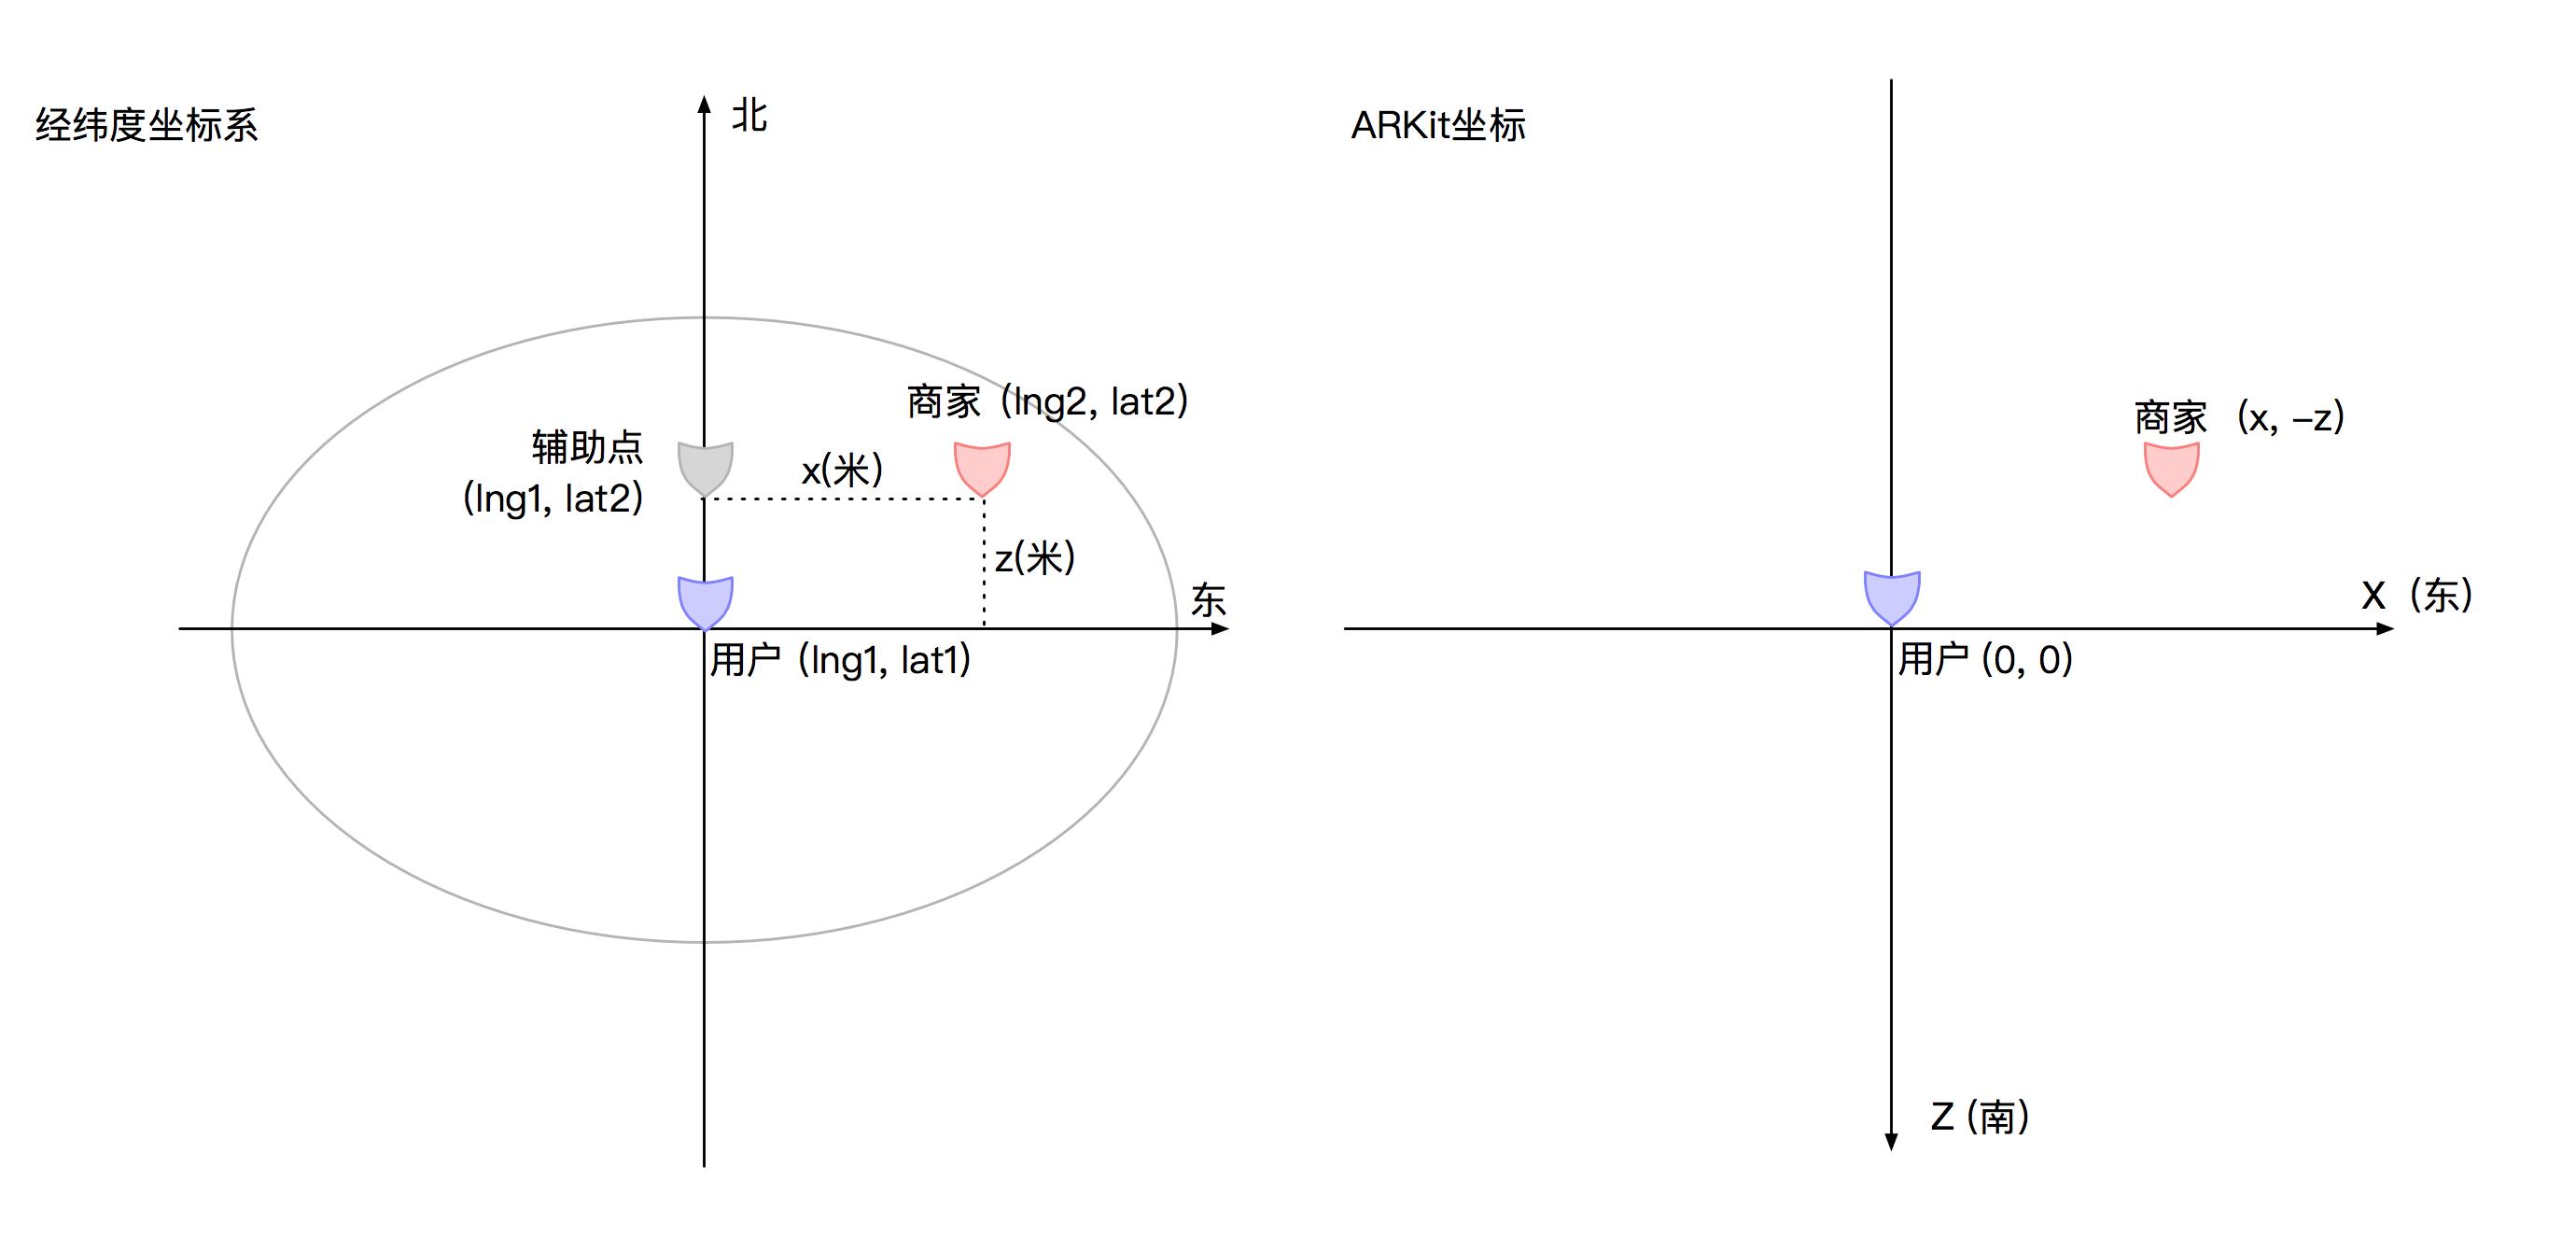 图6 经纬度转换为坐标